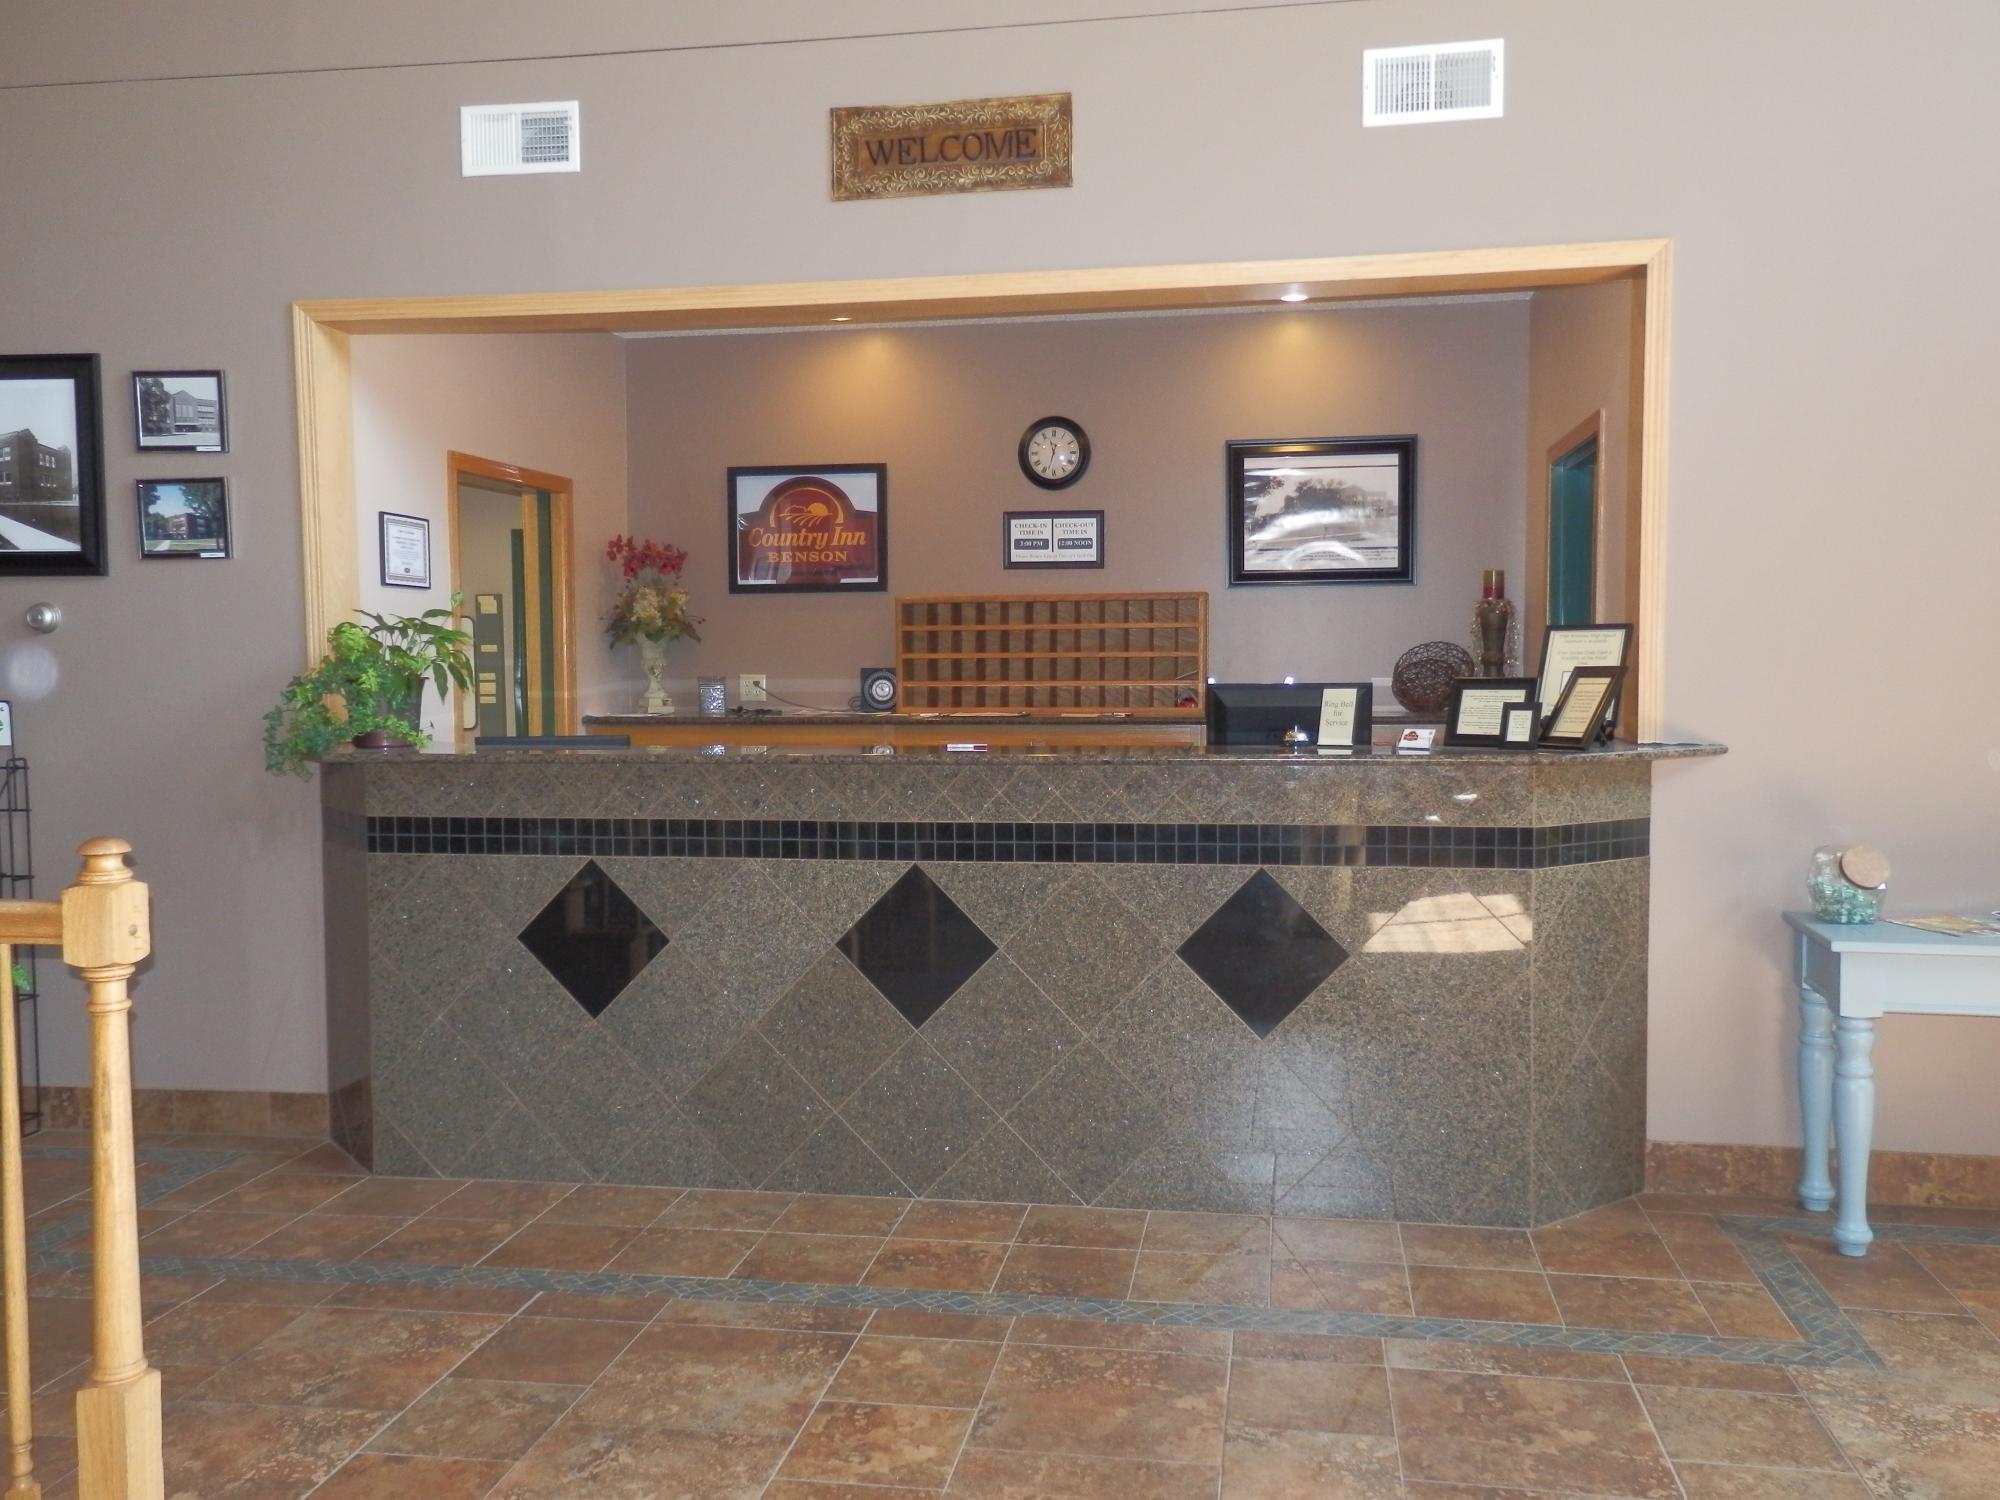 Country Inn Benson Hotel Minnesota